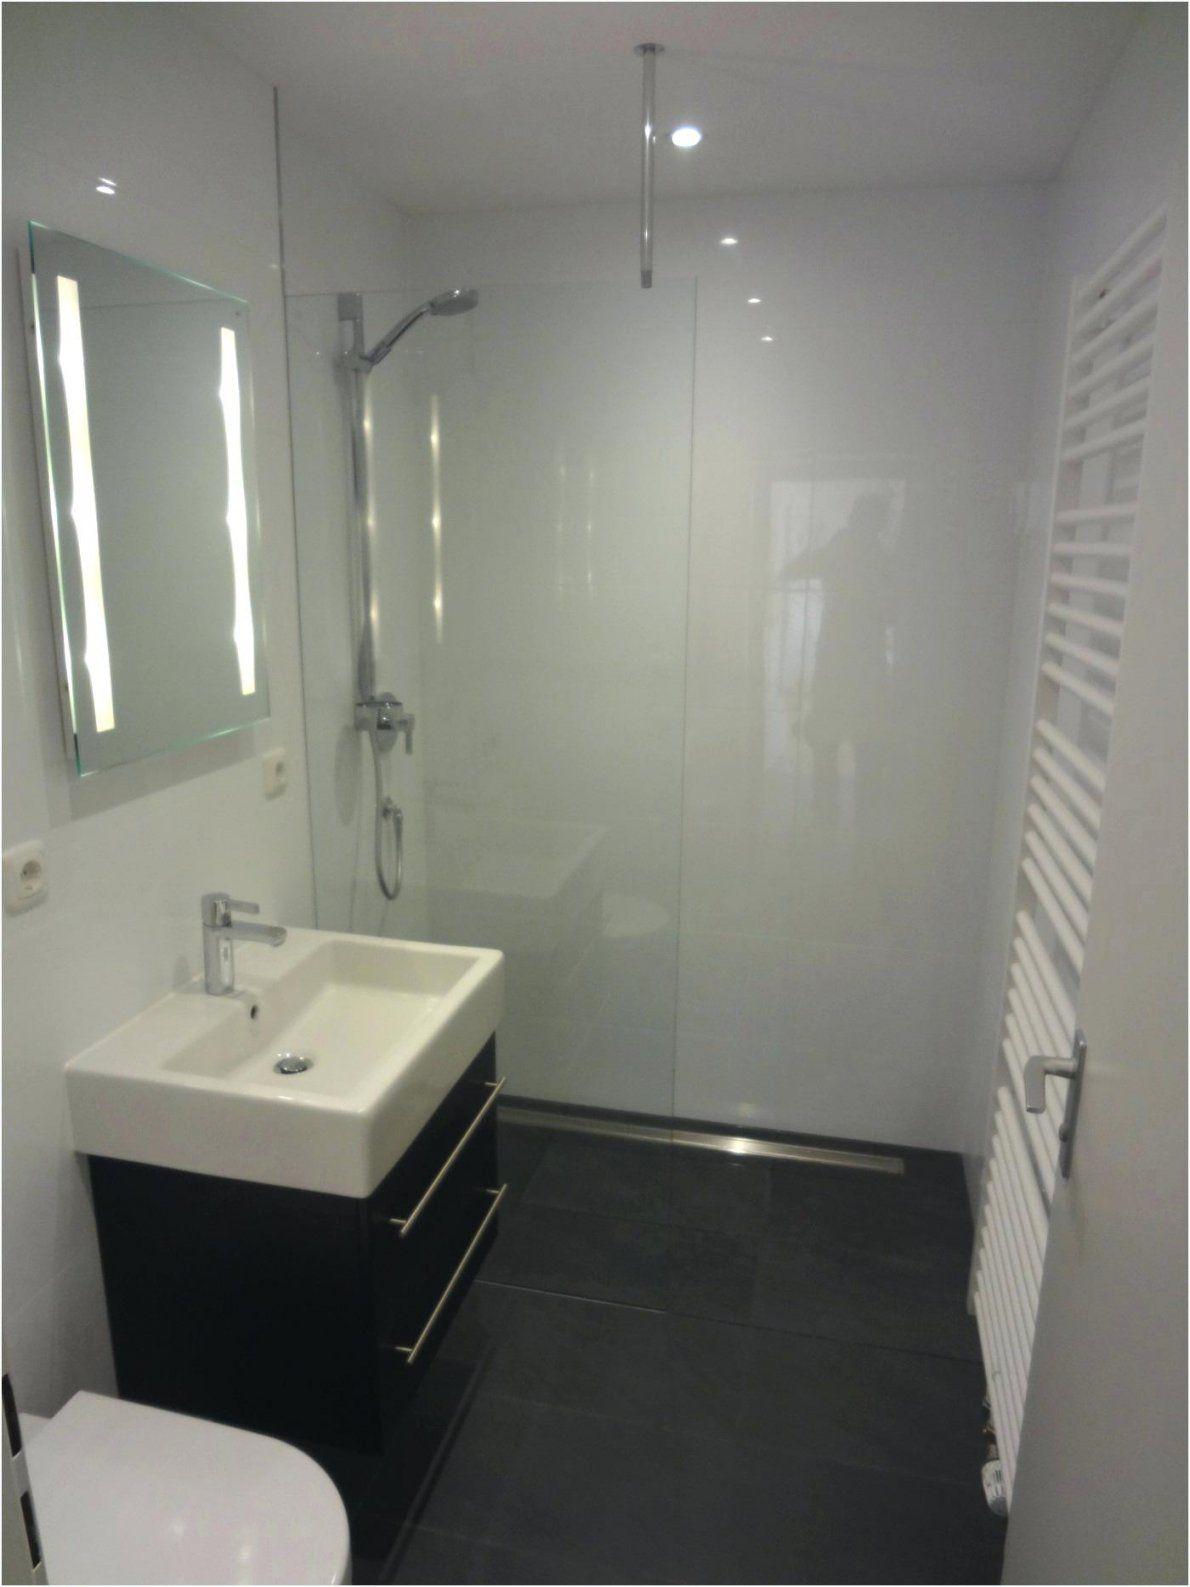 Kosten Badsanierung Badrenovierung Pro Quadratmeter 6Qm Fur Eine von Badsanierung Kosten Pro Qm Bild